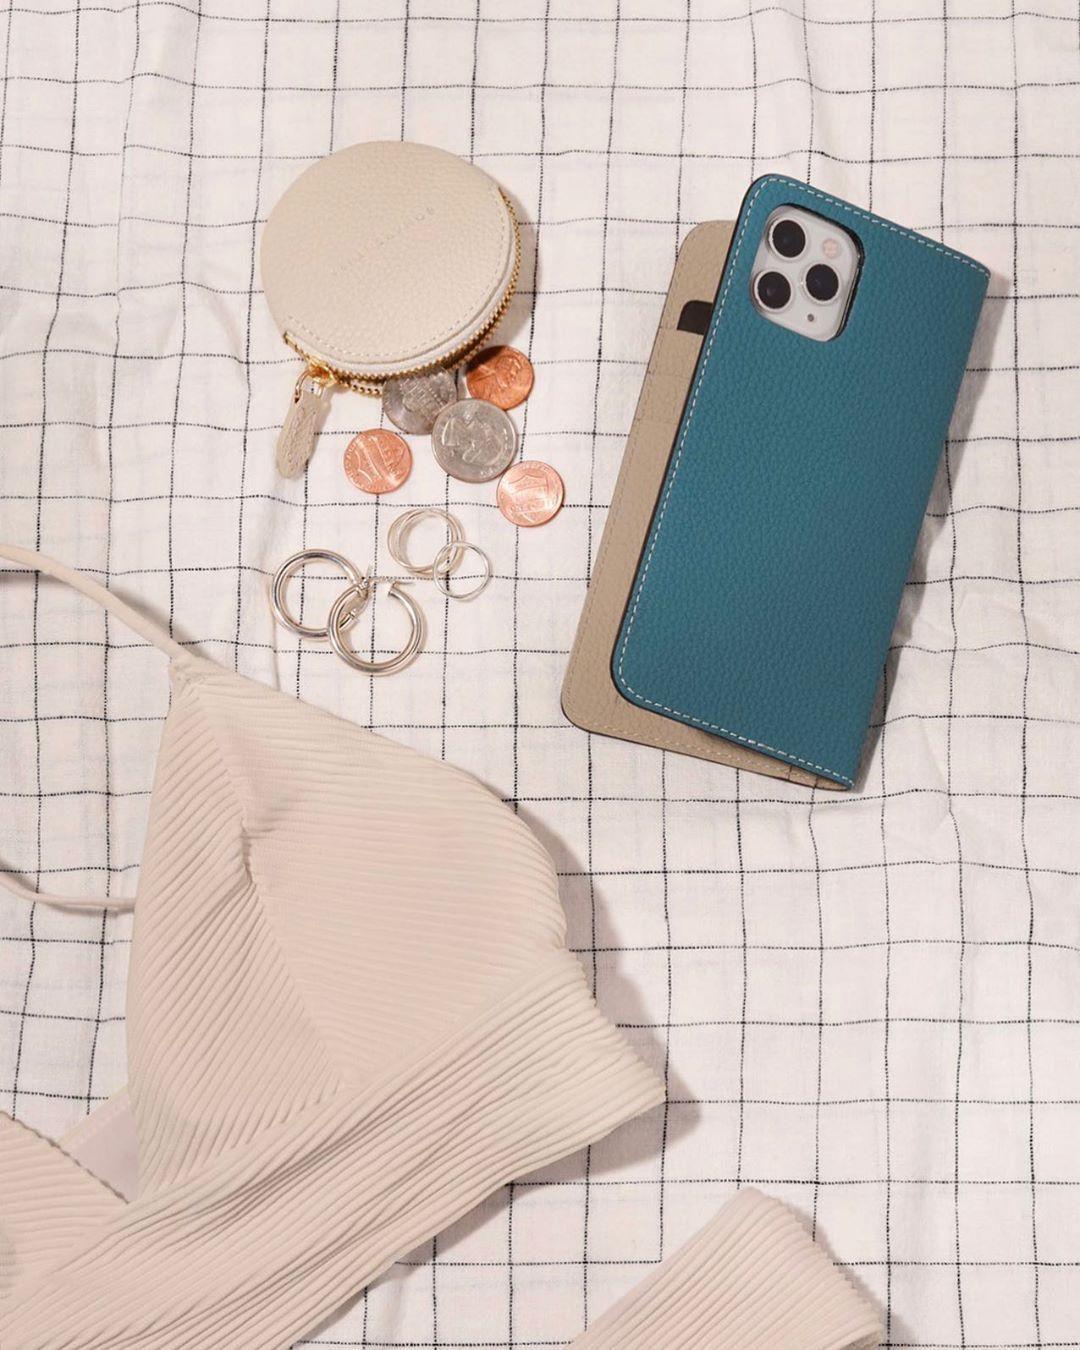 毎年大好評の シアン グレージュ ㅤ 大人の余裕を感じさせる上品で爽やかなカラーです ㅤ 10月末までの期間限定販売のため お見逃しなく ㅤ ㅤ Bonaventura ボナベンチュラ ㅤ Phonecase Iphonecase Iphone 2020 レザー スマホケース レザー カラー